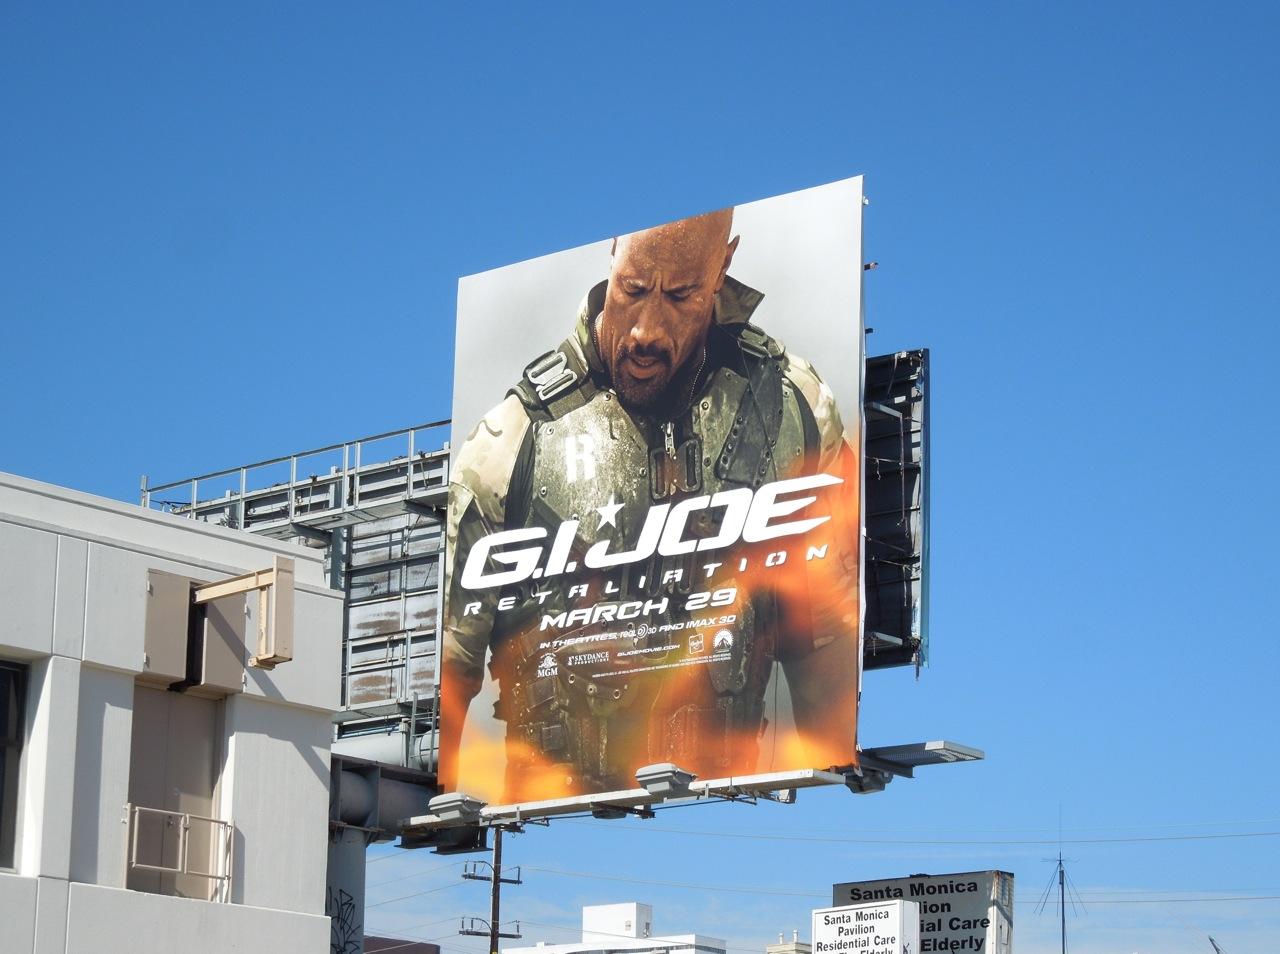 http://3.bp.blogspot.com/-z_CUnjdBUYg/US1Js27yAzI/AAAAAAABB5c/liMkKCVCiis/s1600/GI+Joe+retaliation+billboard.jpg